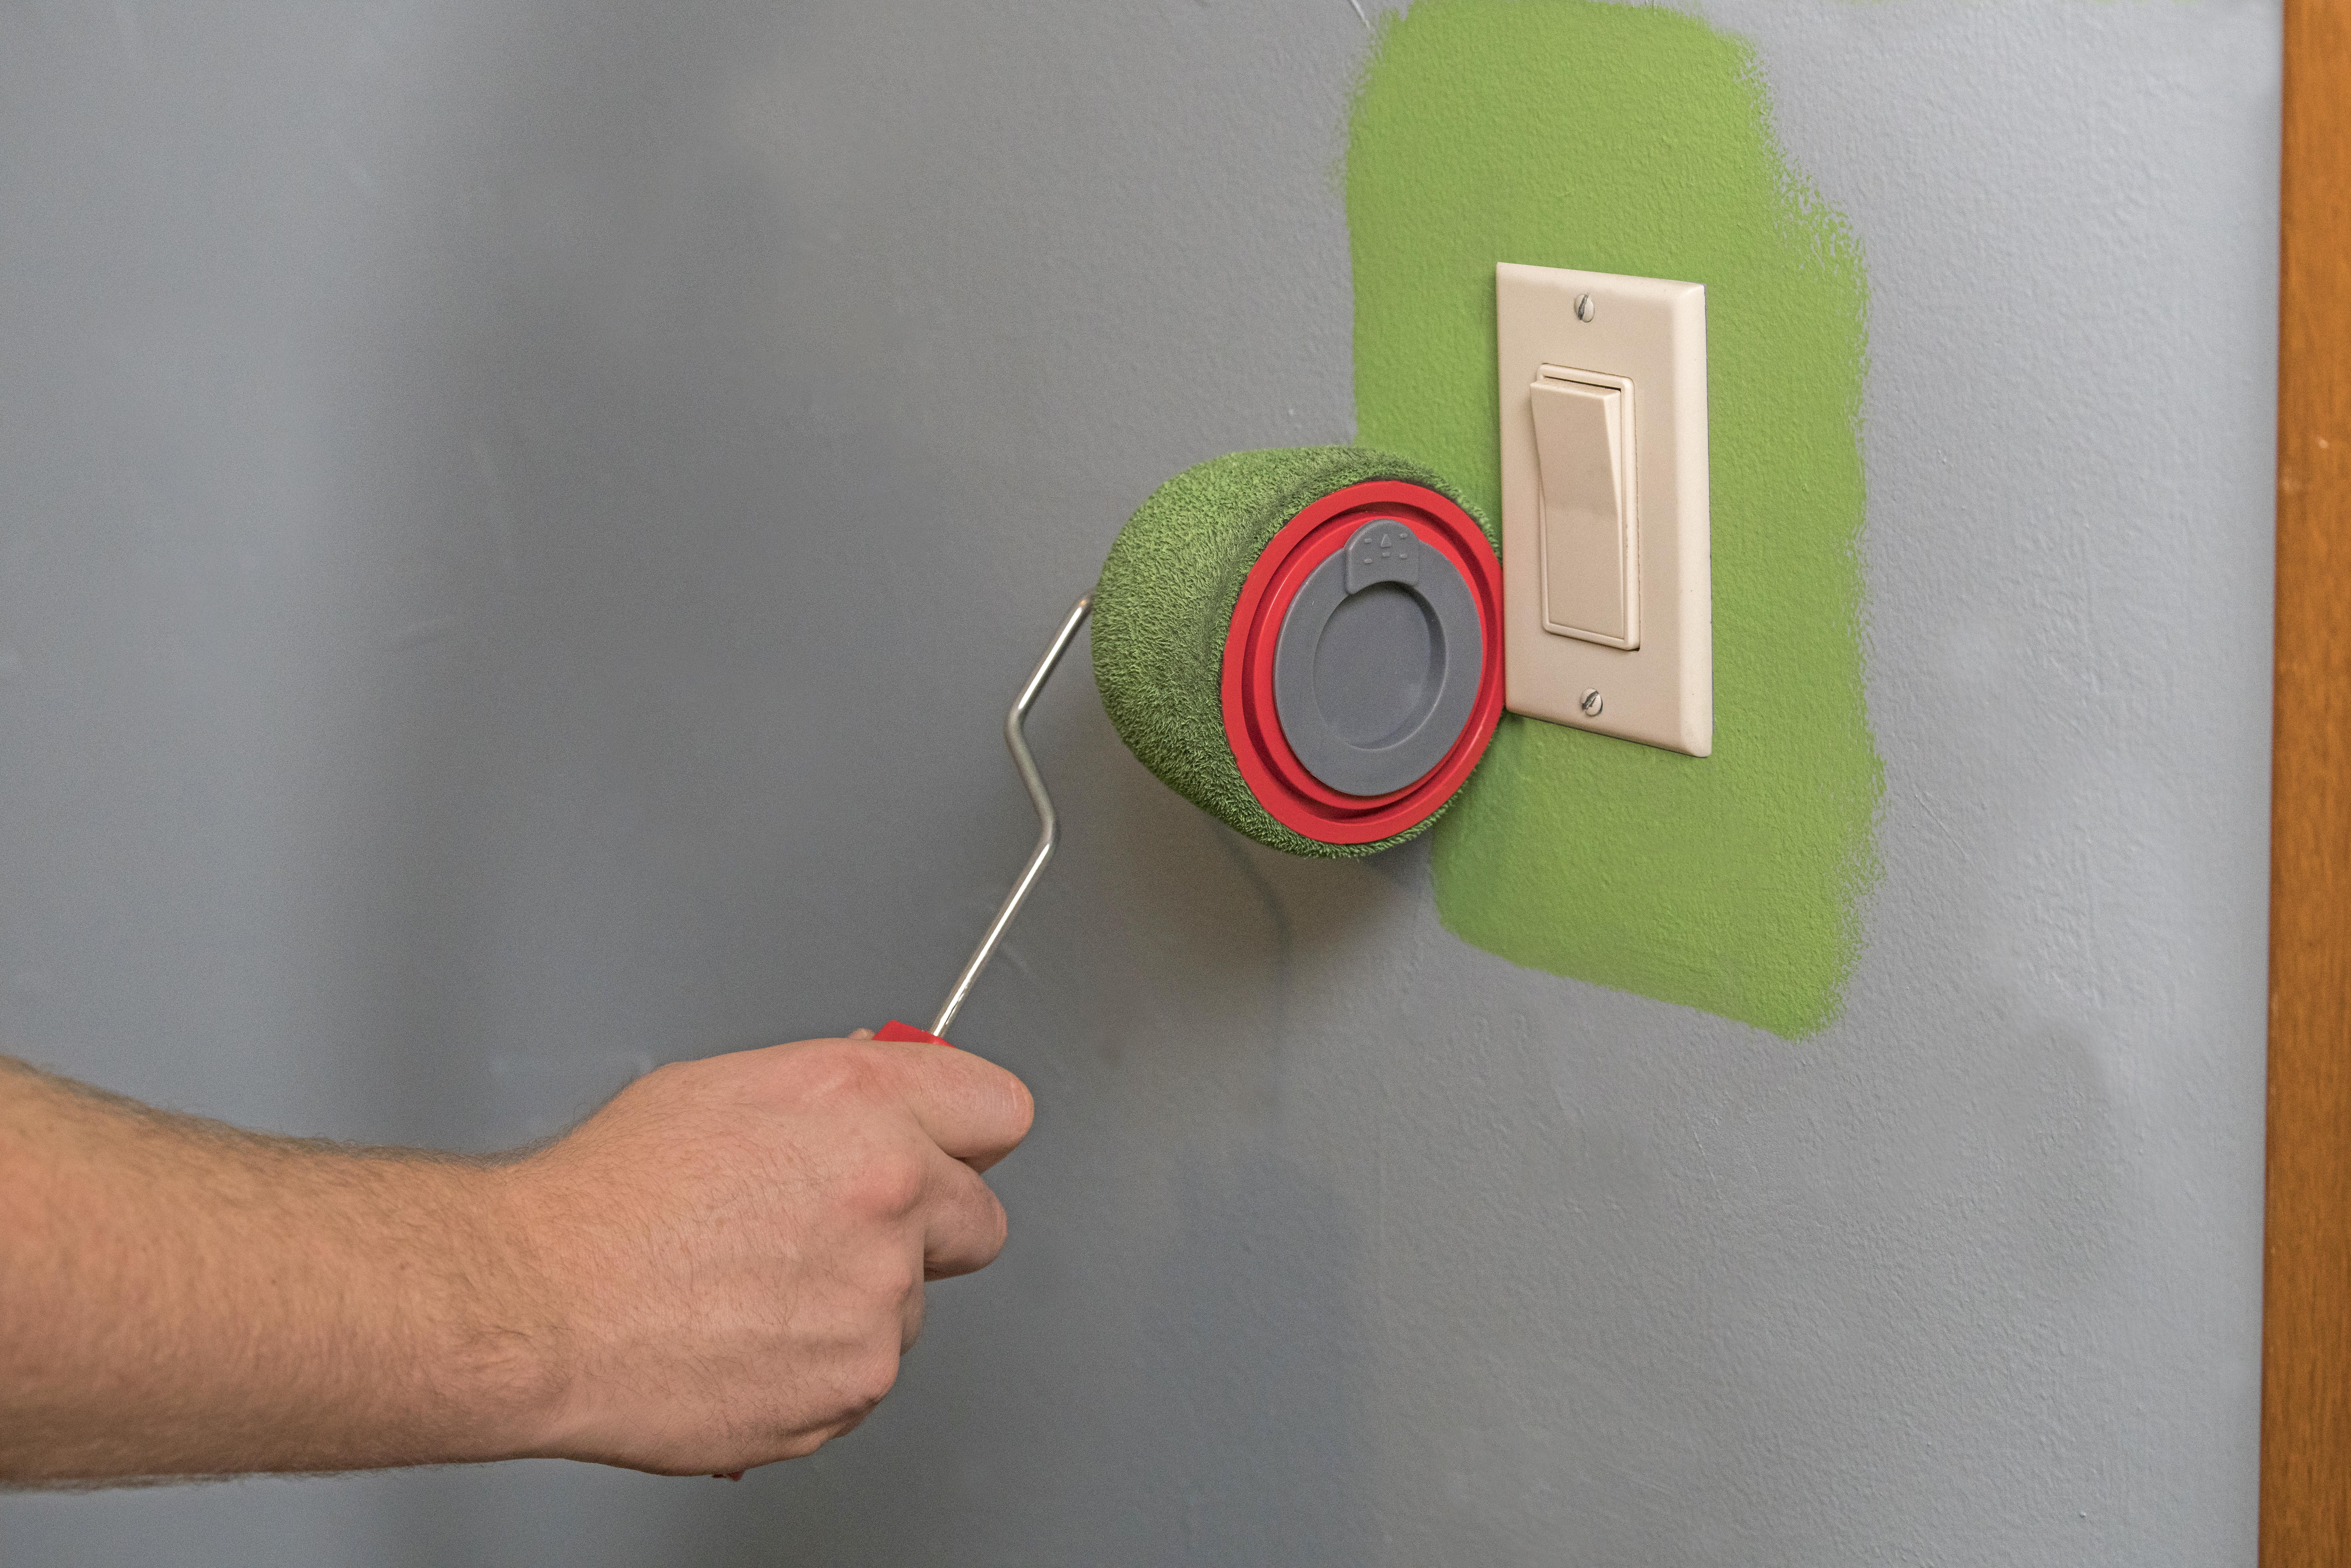 Набор для покраски потолка и стен Top Shop «Мастер краски 5 в 1» 4